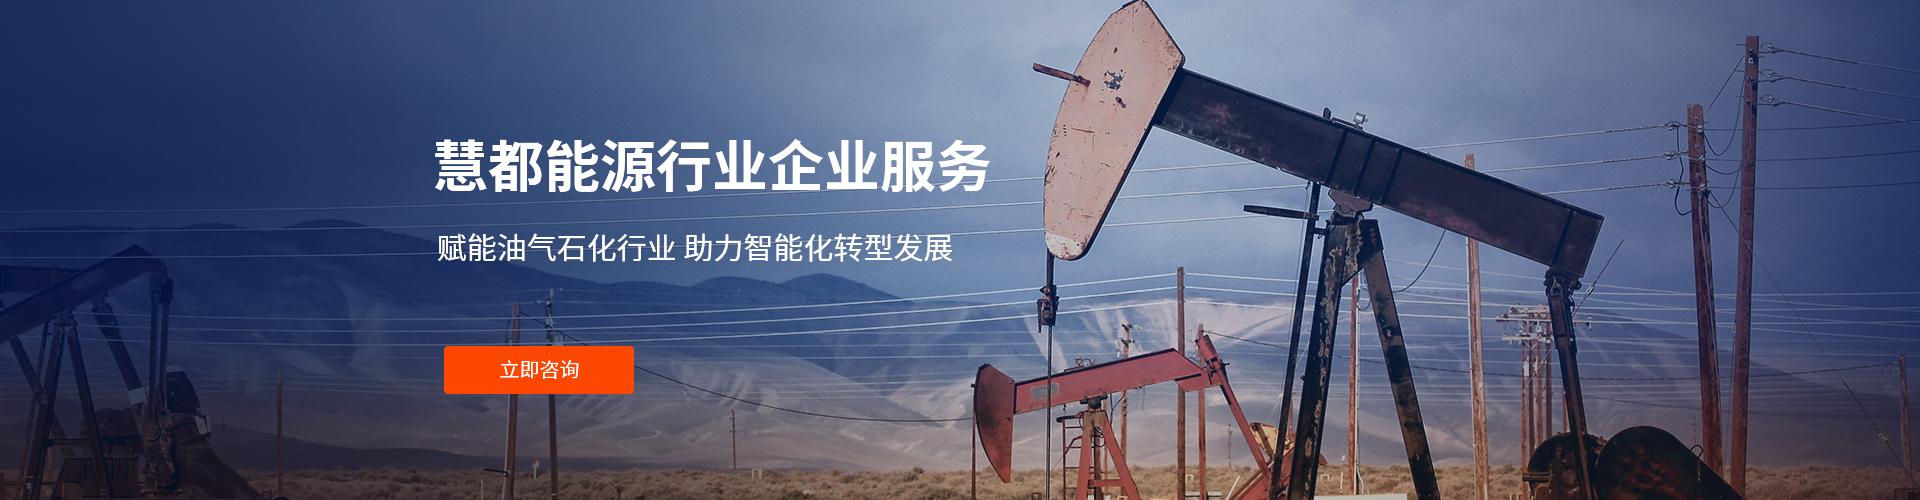 能源行业企业服务